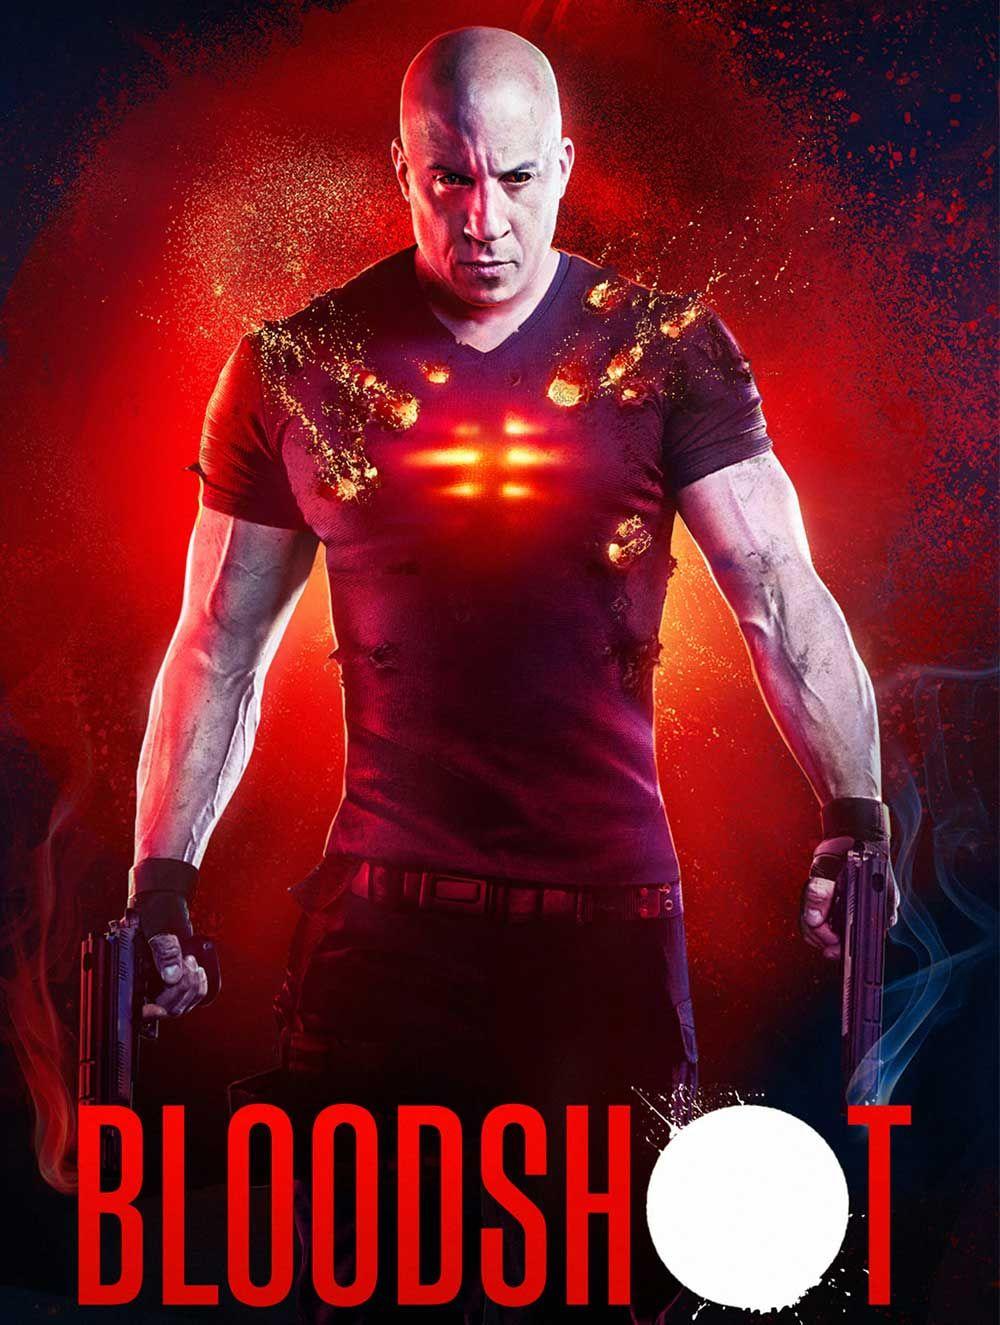 Bloodshot 2020 Ab Sofort Im Stream Filme Kostenlos Ganze Filme Kostenlos Filme Deutsch